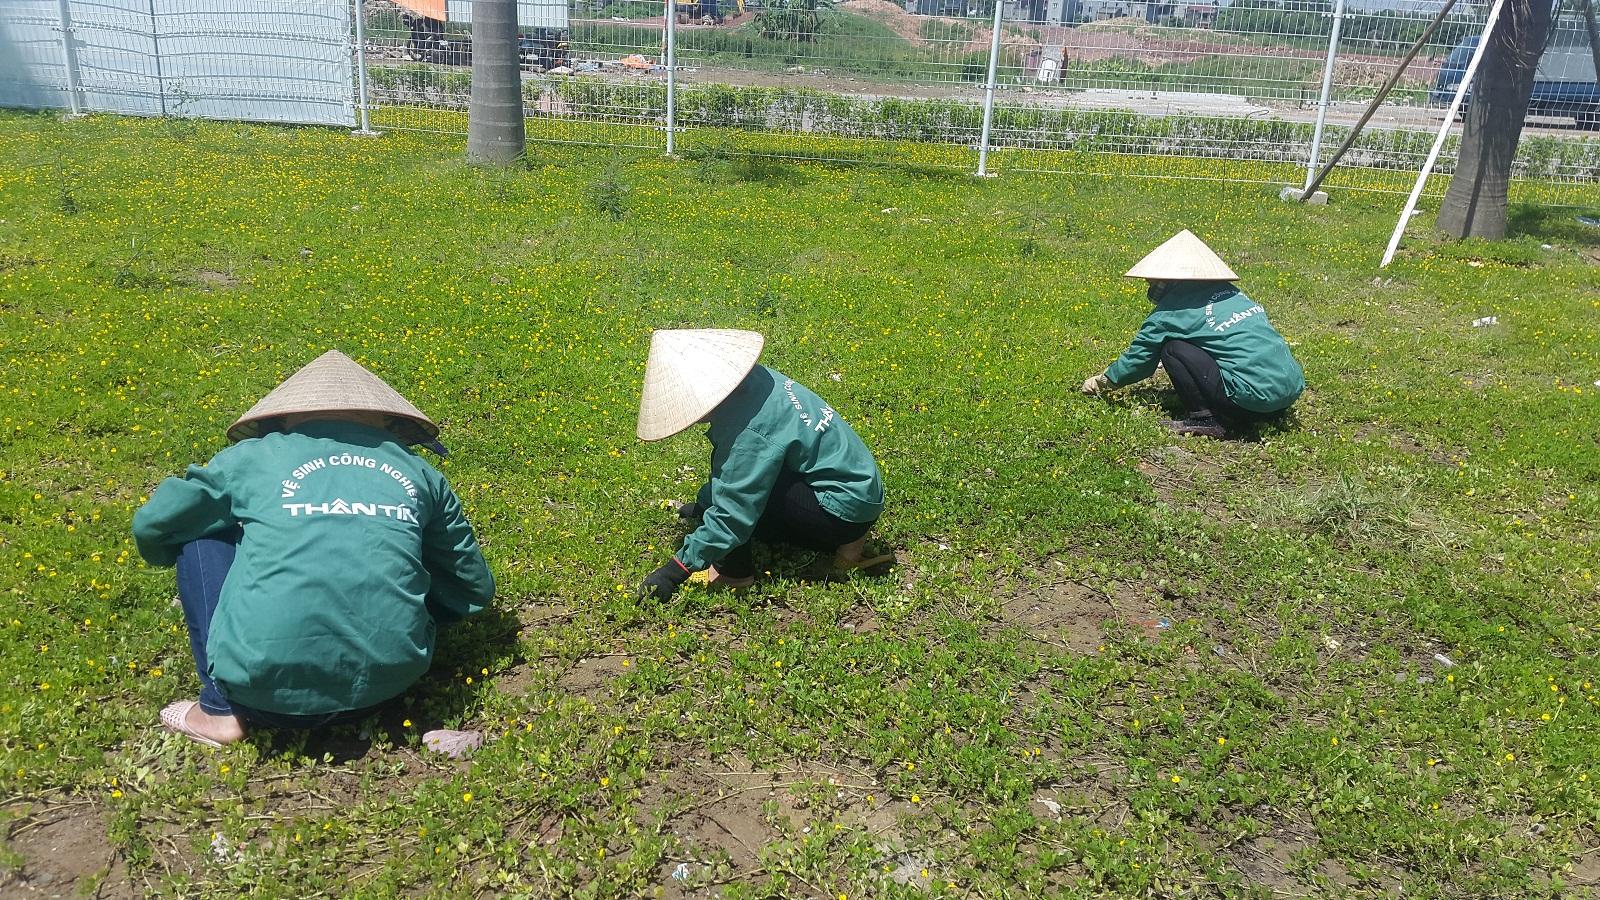 Chăm sóc và cắt tỉa cây cỏ, cây cảnh